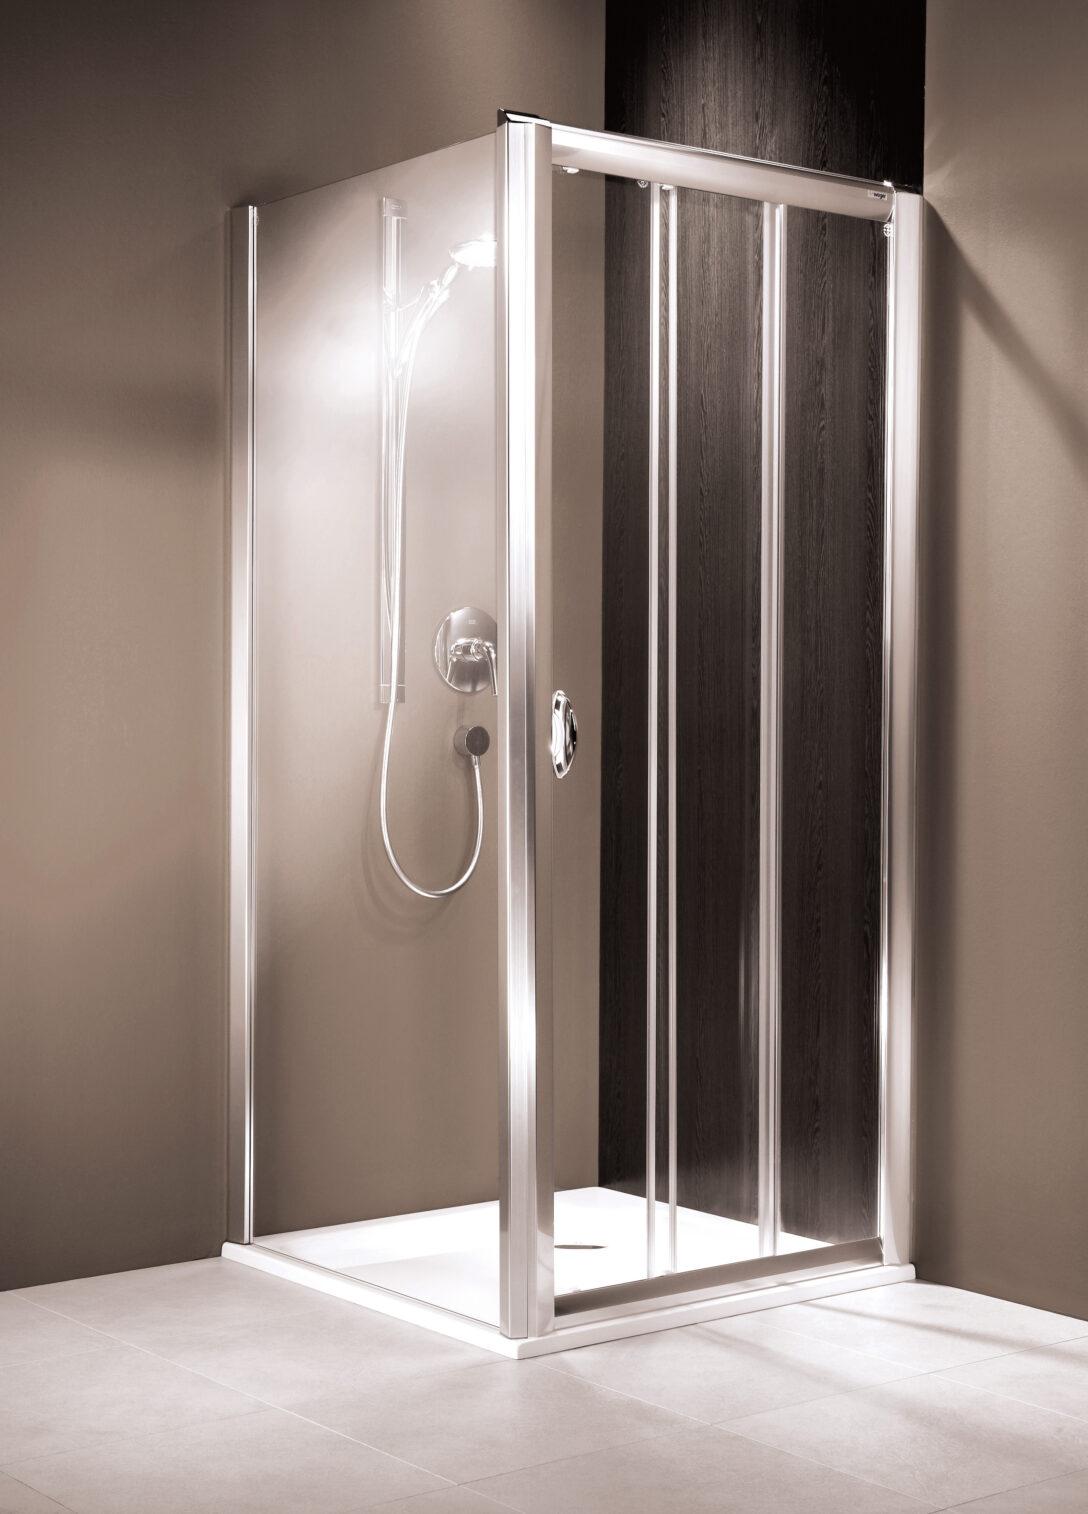 Large Size of Schiebetür Dusche Lifeline Mit Jeder Menge Komfort Artweger Nischentür Siphon Bodengleiche Nachträglich Einbauen Bluetooth Lautsprecher Ebenerdig 80x80 Dusche Schiebetür Dusche